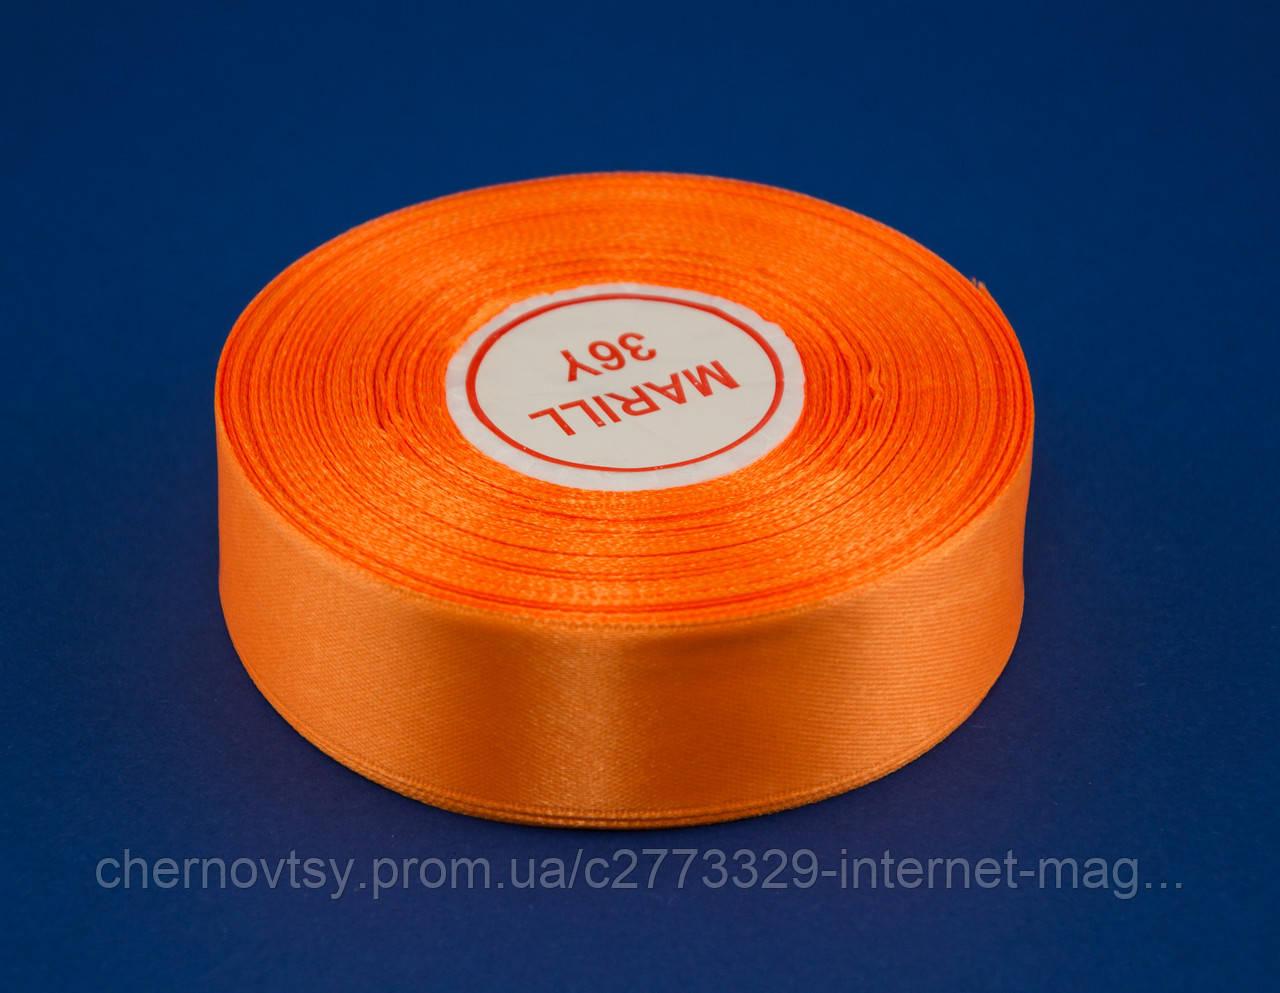 Стрічка атлас 0.6 см, 33 м, № 151 Світло-помаранчева